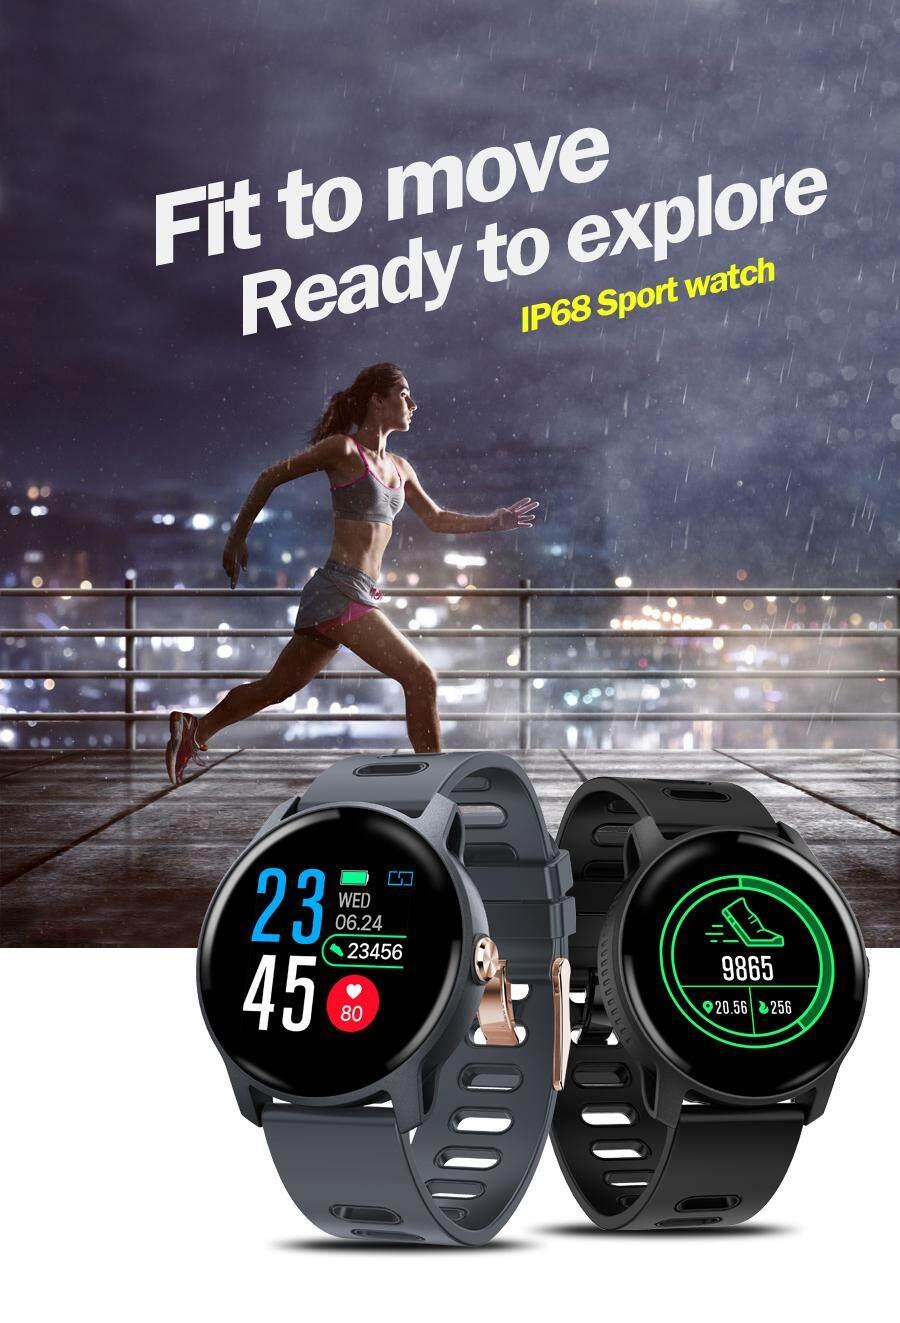 !! มาใหม่ + Senbono S08 Smart Watch ใหม่ล่าสุดปี 2019 !! ตอบโจทย์สำหรับคนรักสุขภาพ ฟังก์ชั่นครบ อึด,ทน,เบา เทียบเท่ากับ รุ่นแพงๆได้เลย ในราคาสบายกระเป๋า  แอฟรองรับภาษาไทยแล้ว สายรัดข้อมือเพื่อสุขภาพ นาฬิกาวัดหัวใจ นาฬิกาสมาทวอช นาฬิกาวัดชีพจร นาฬิกาวิ่ง.